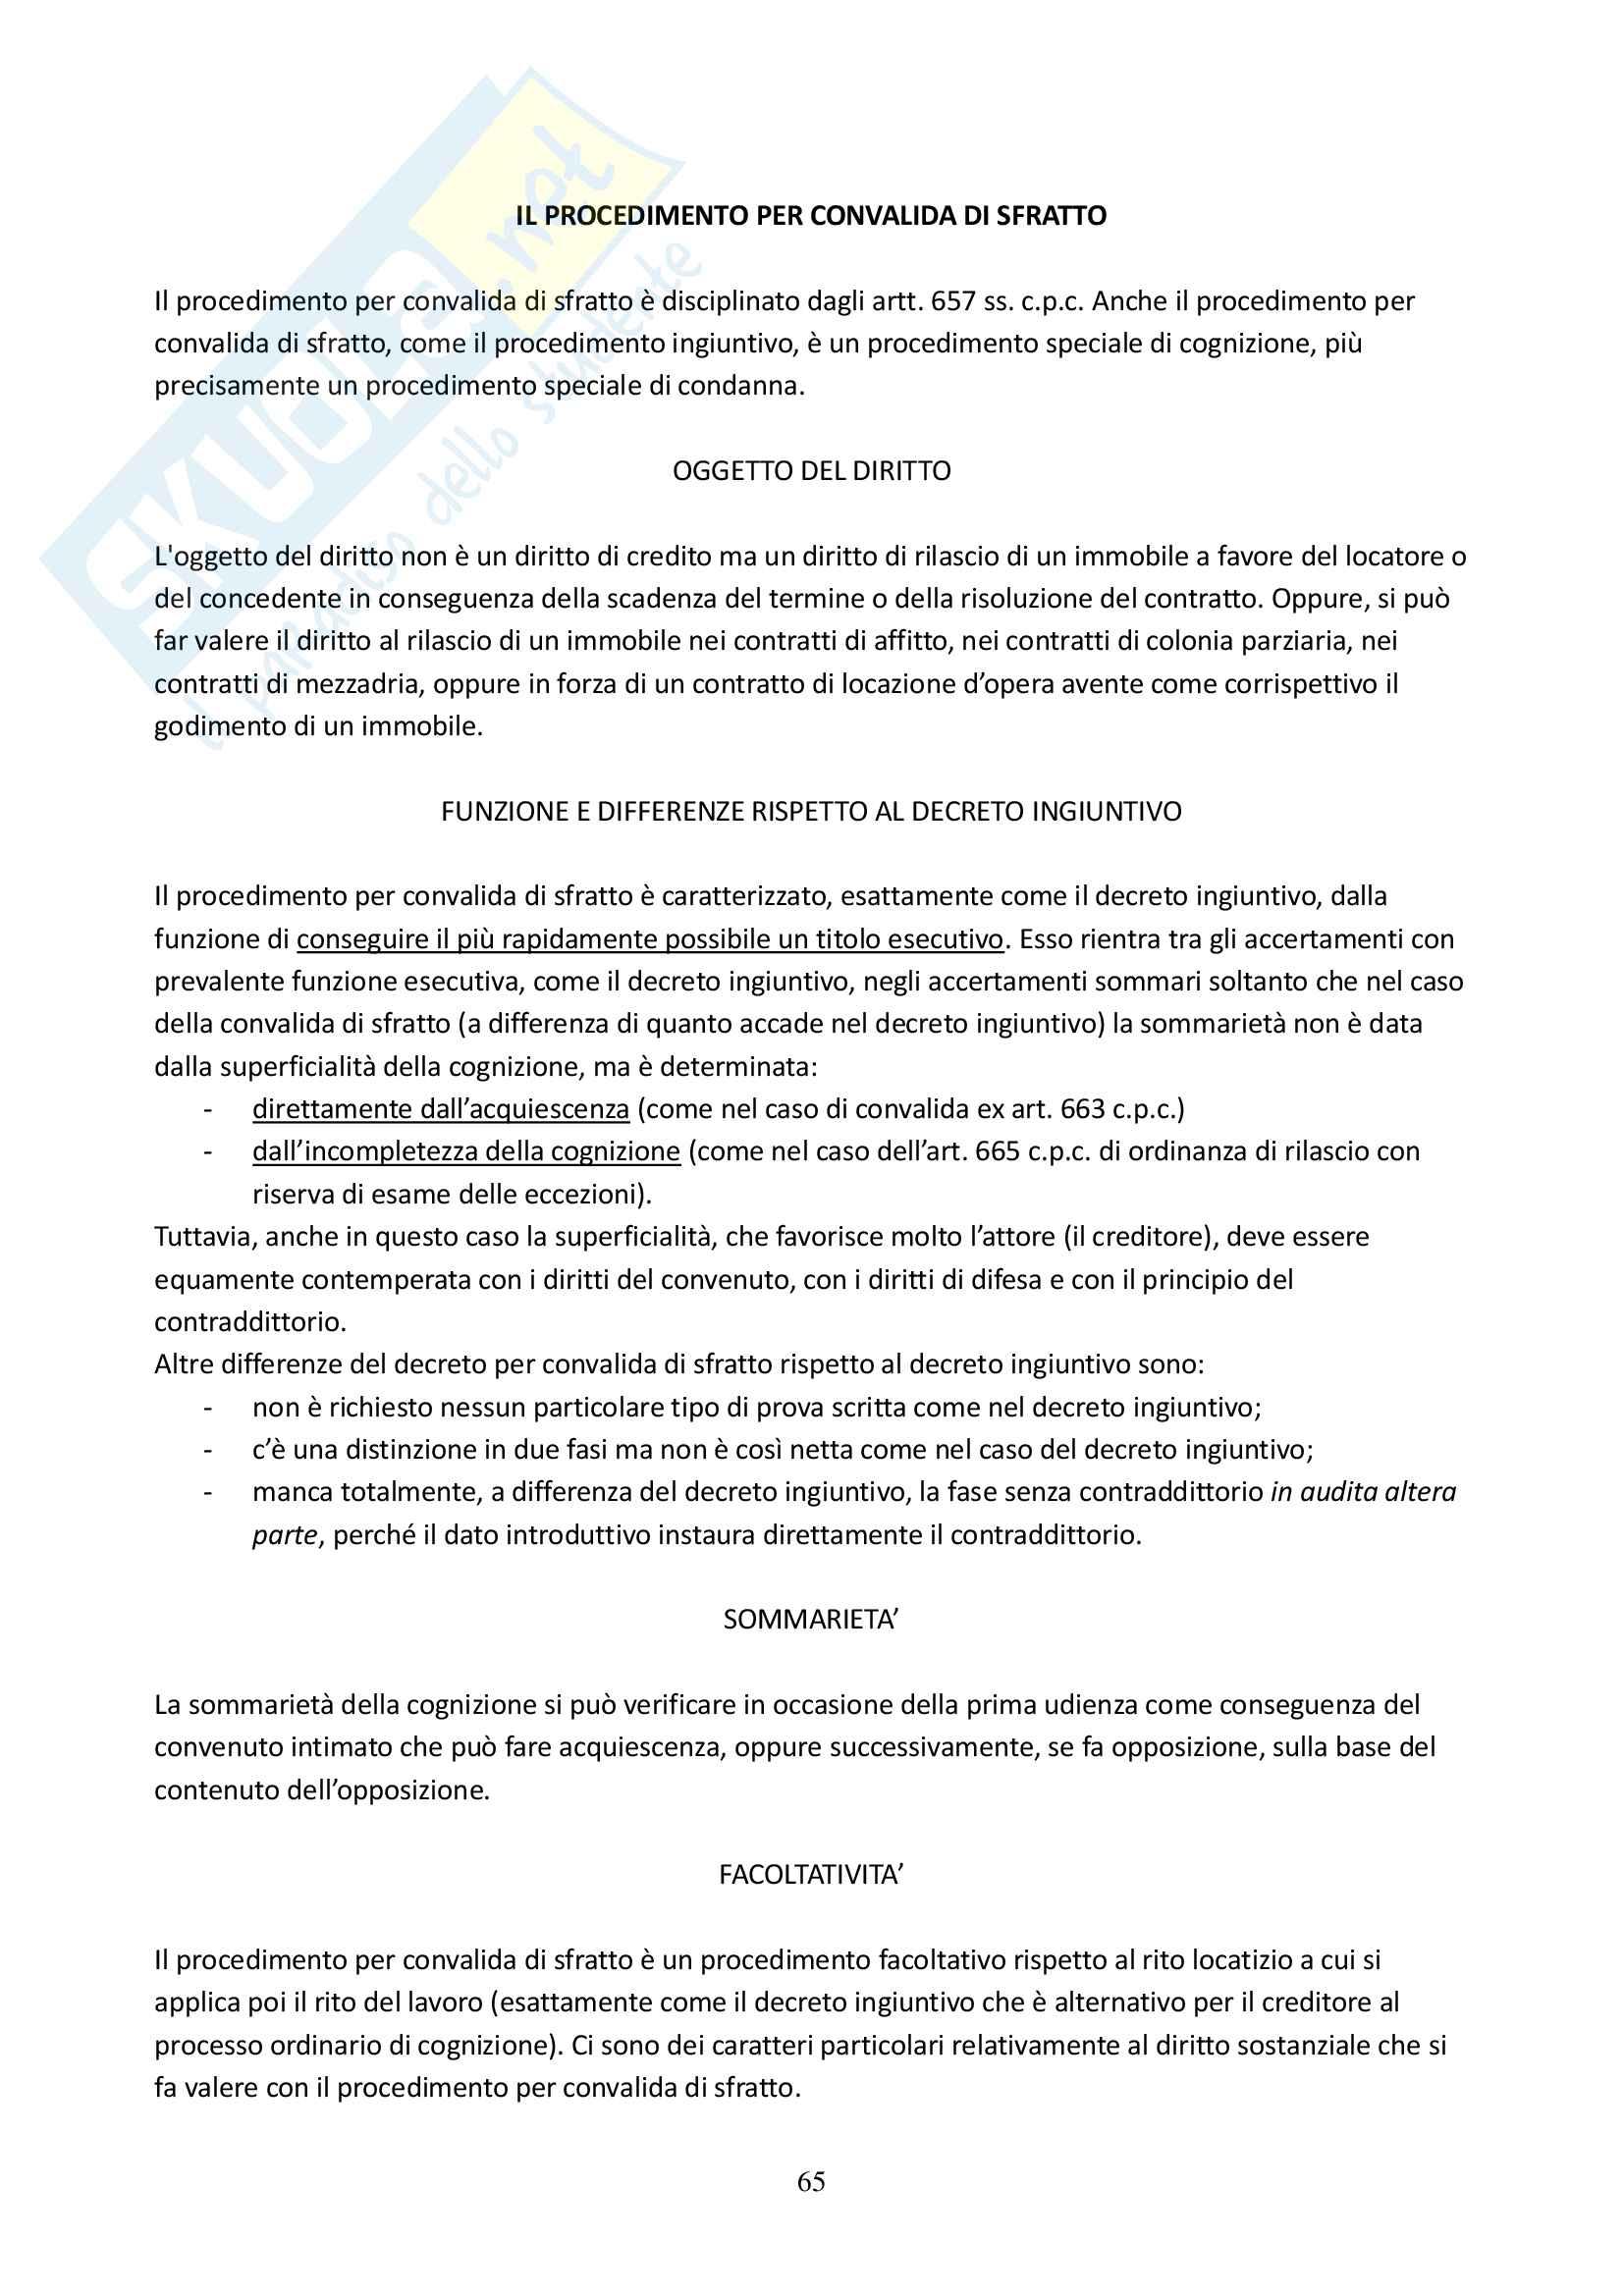 Appunti delle lezioni di Diritto Processuale Civile del Prof. Filippo Corsini, Anno Accademico 2014/2015 Pag. 66